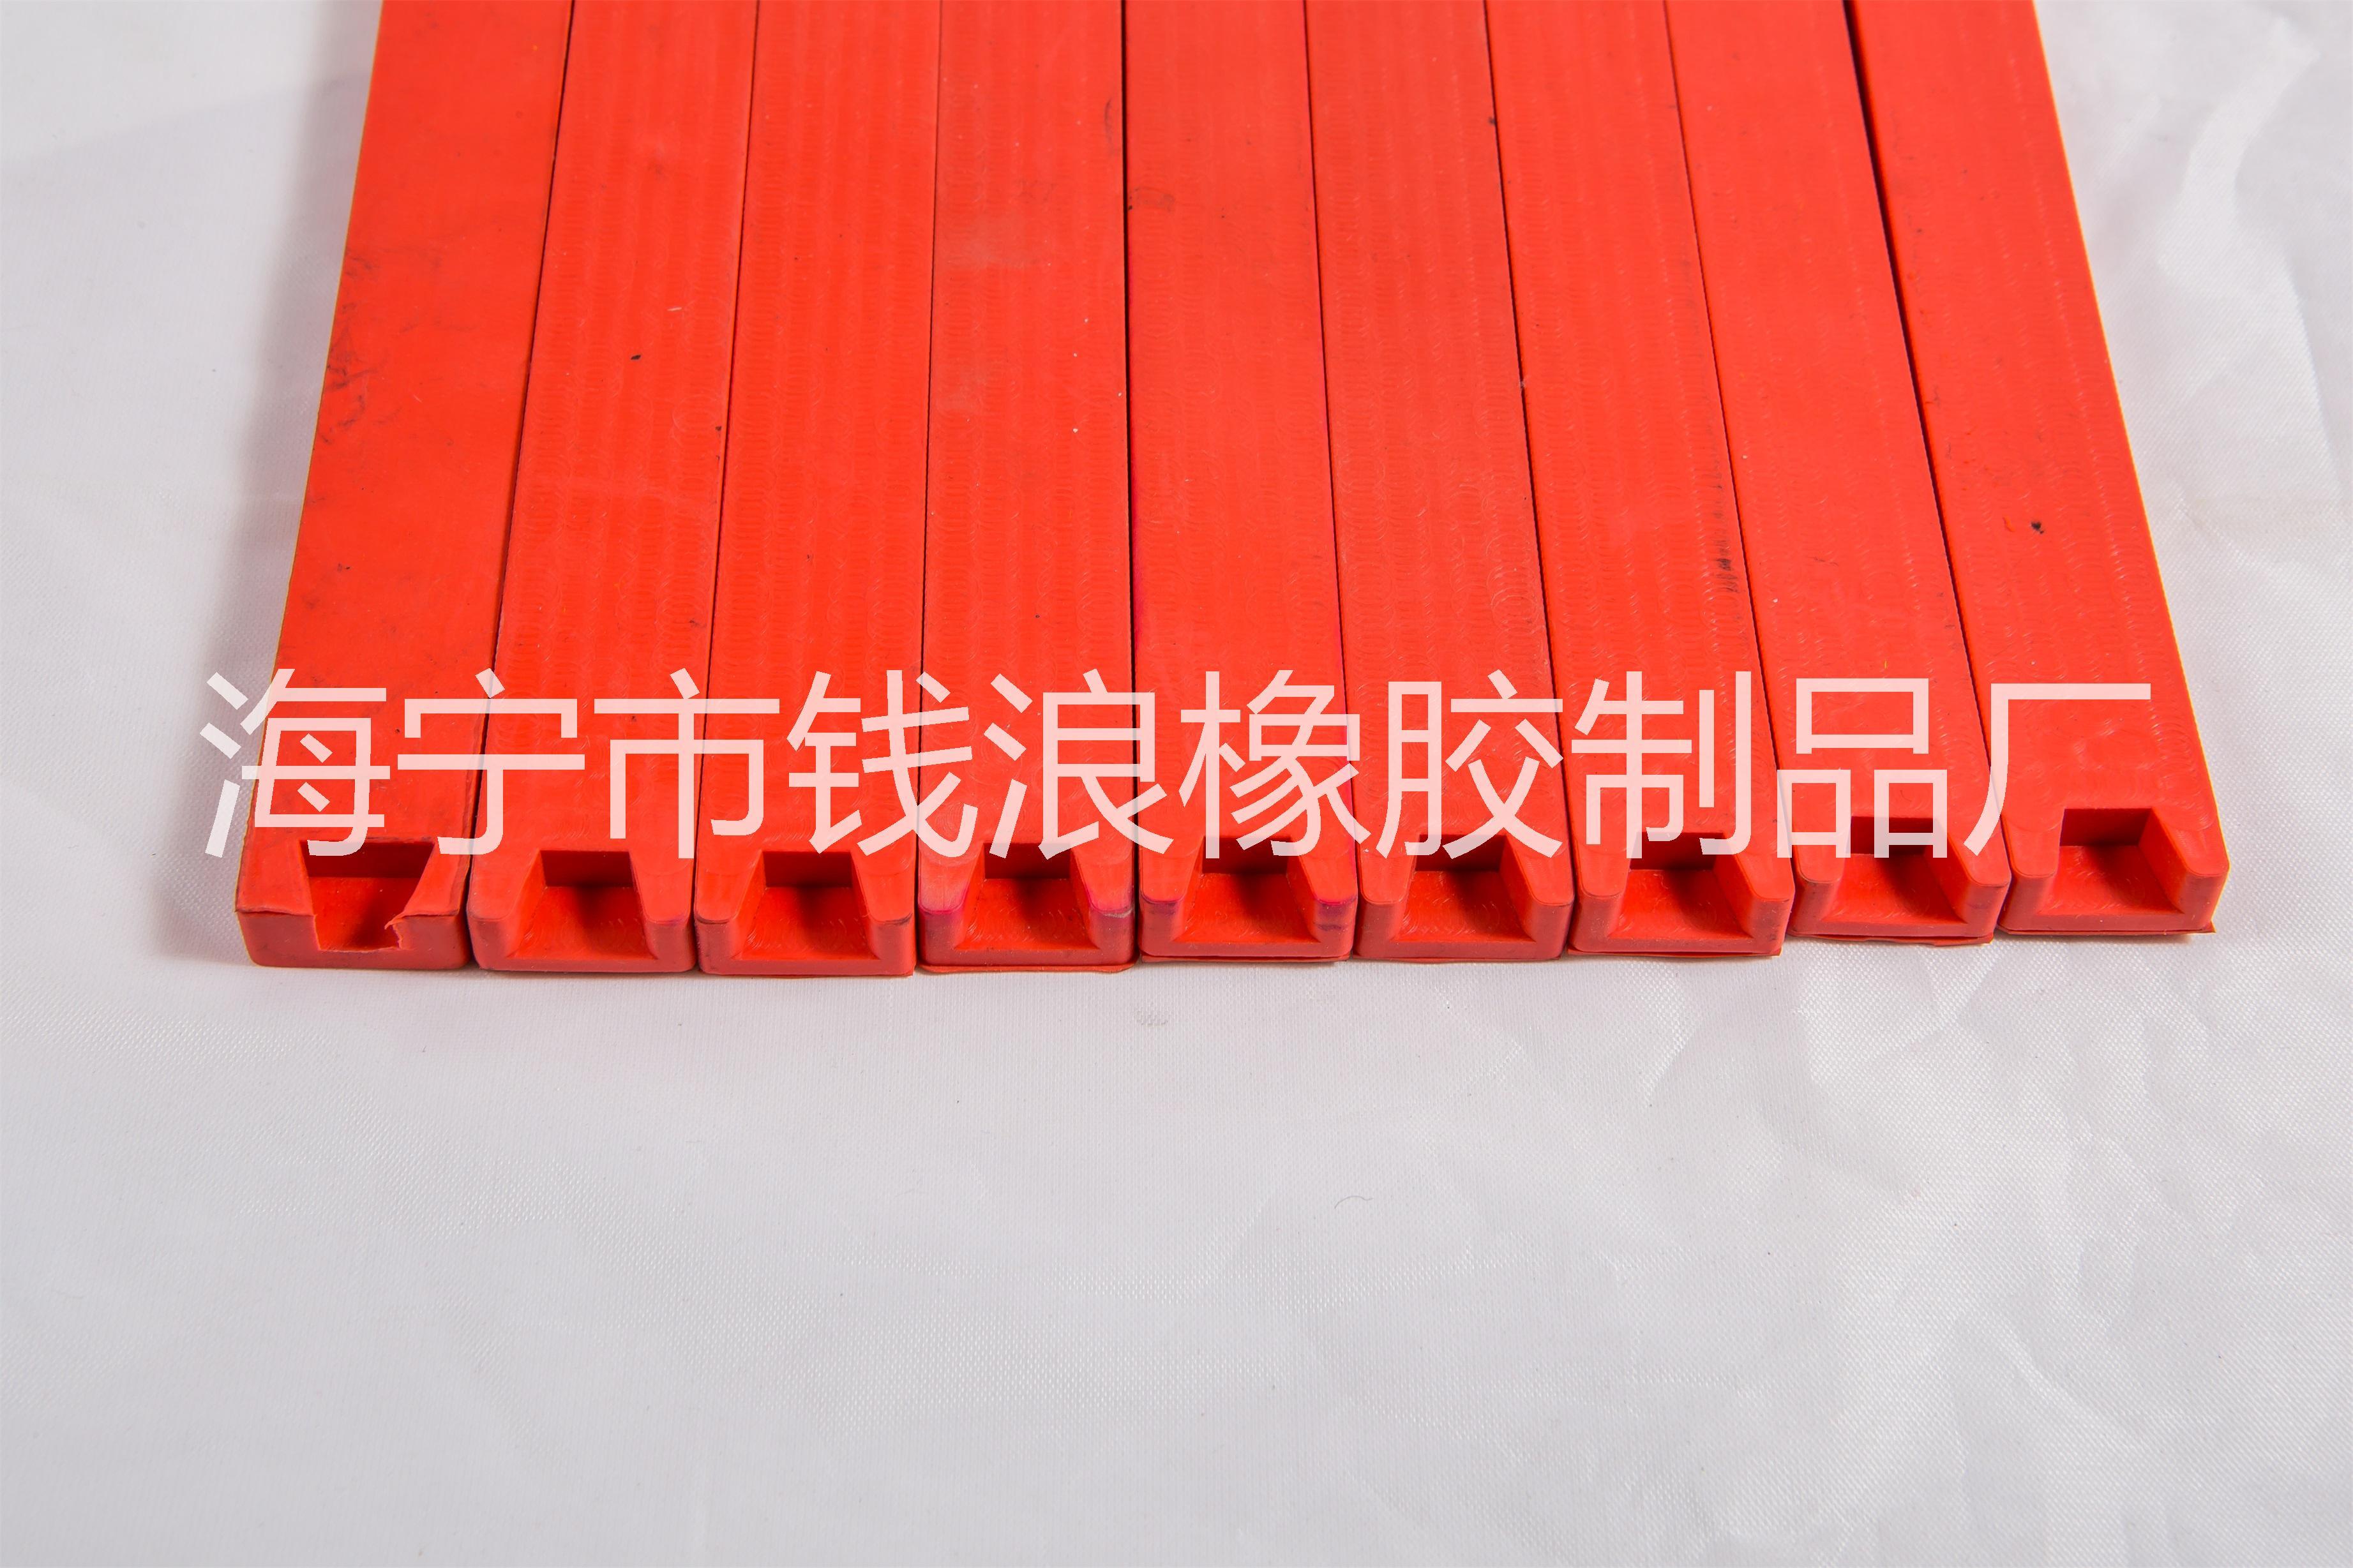 橡胶制品 硅胶密封条 定制密封条价格 定制密封条 密封条批发价格 密封条批发 密封条价格 密封条